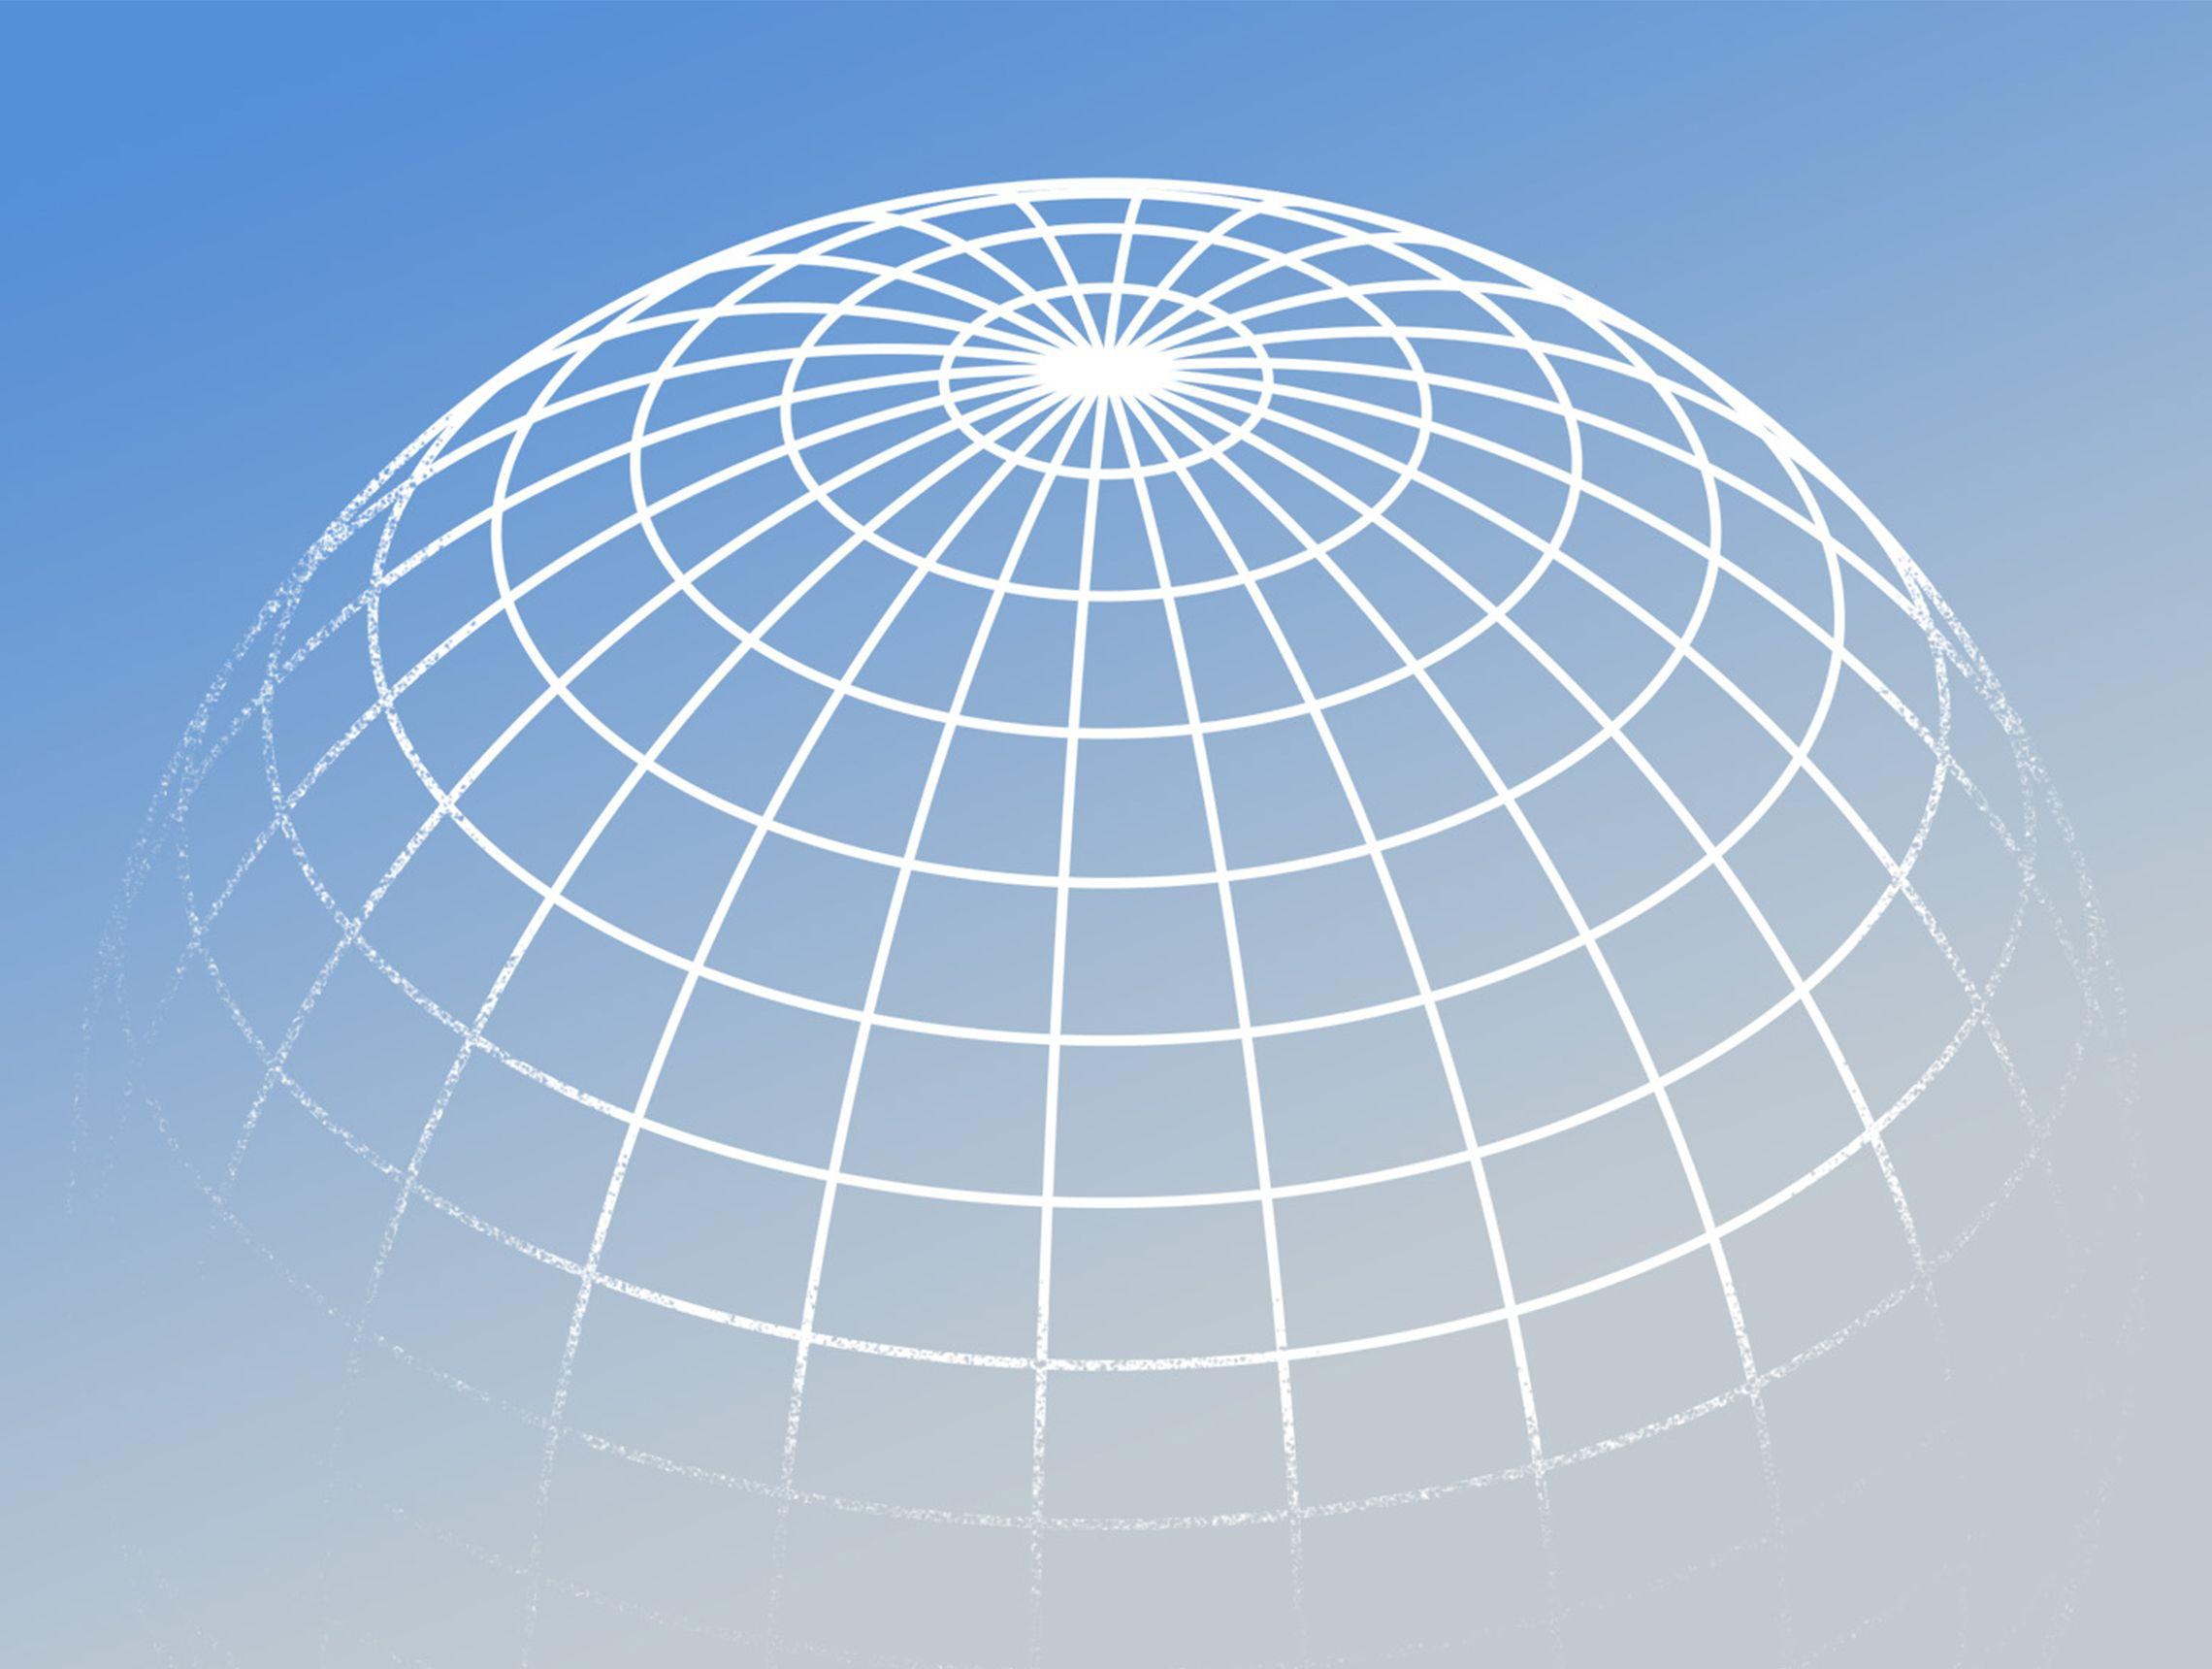 Grafische Darstellung eines Globus PWWL Illustration